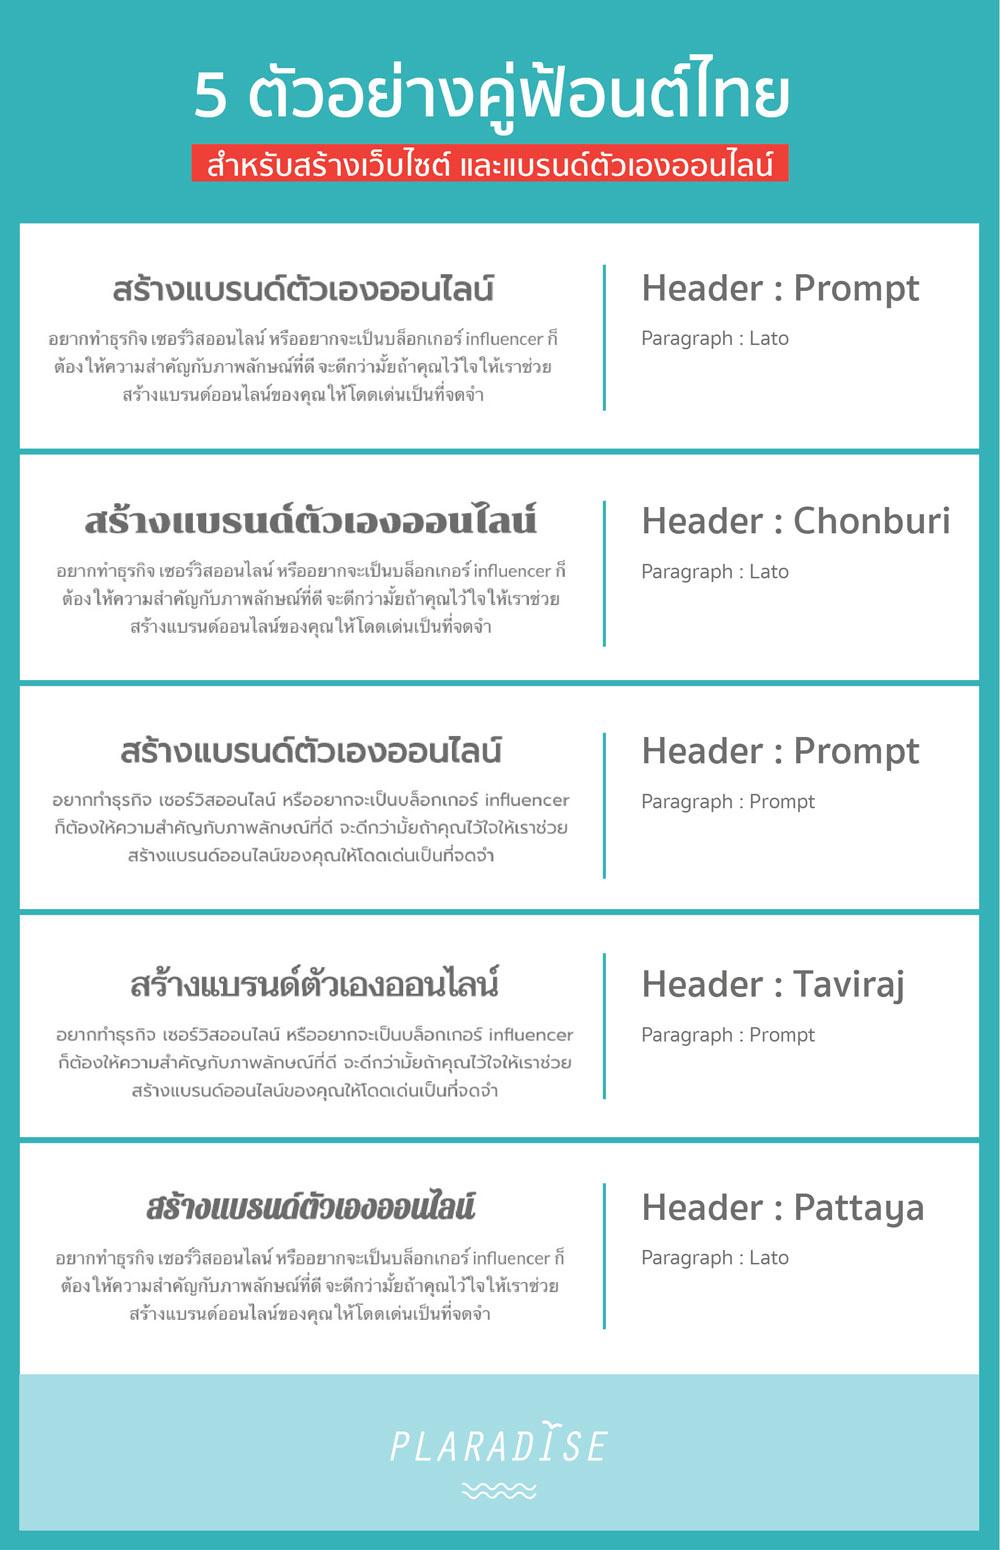 วิธีเลือกฟ้อนต์ไทย